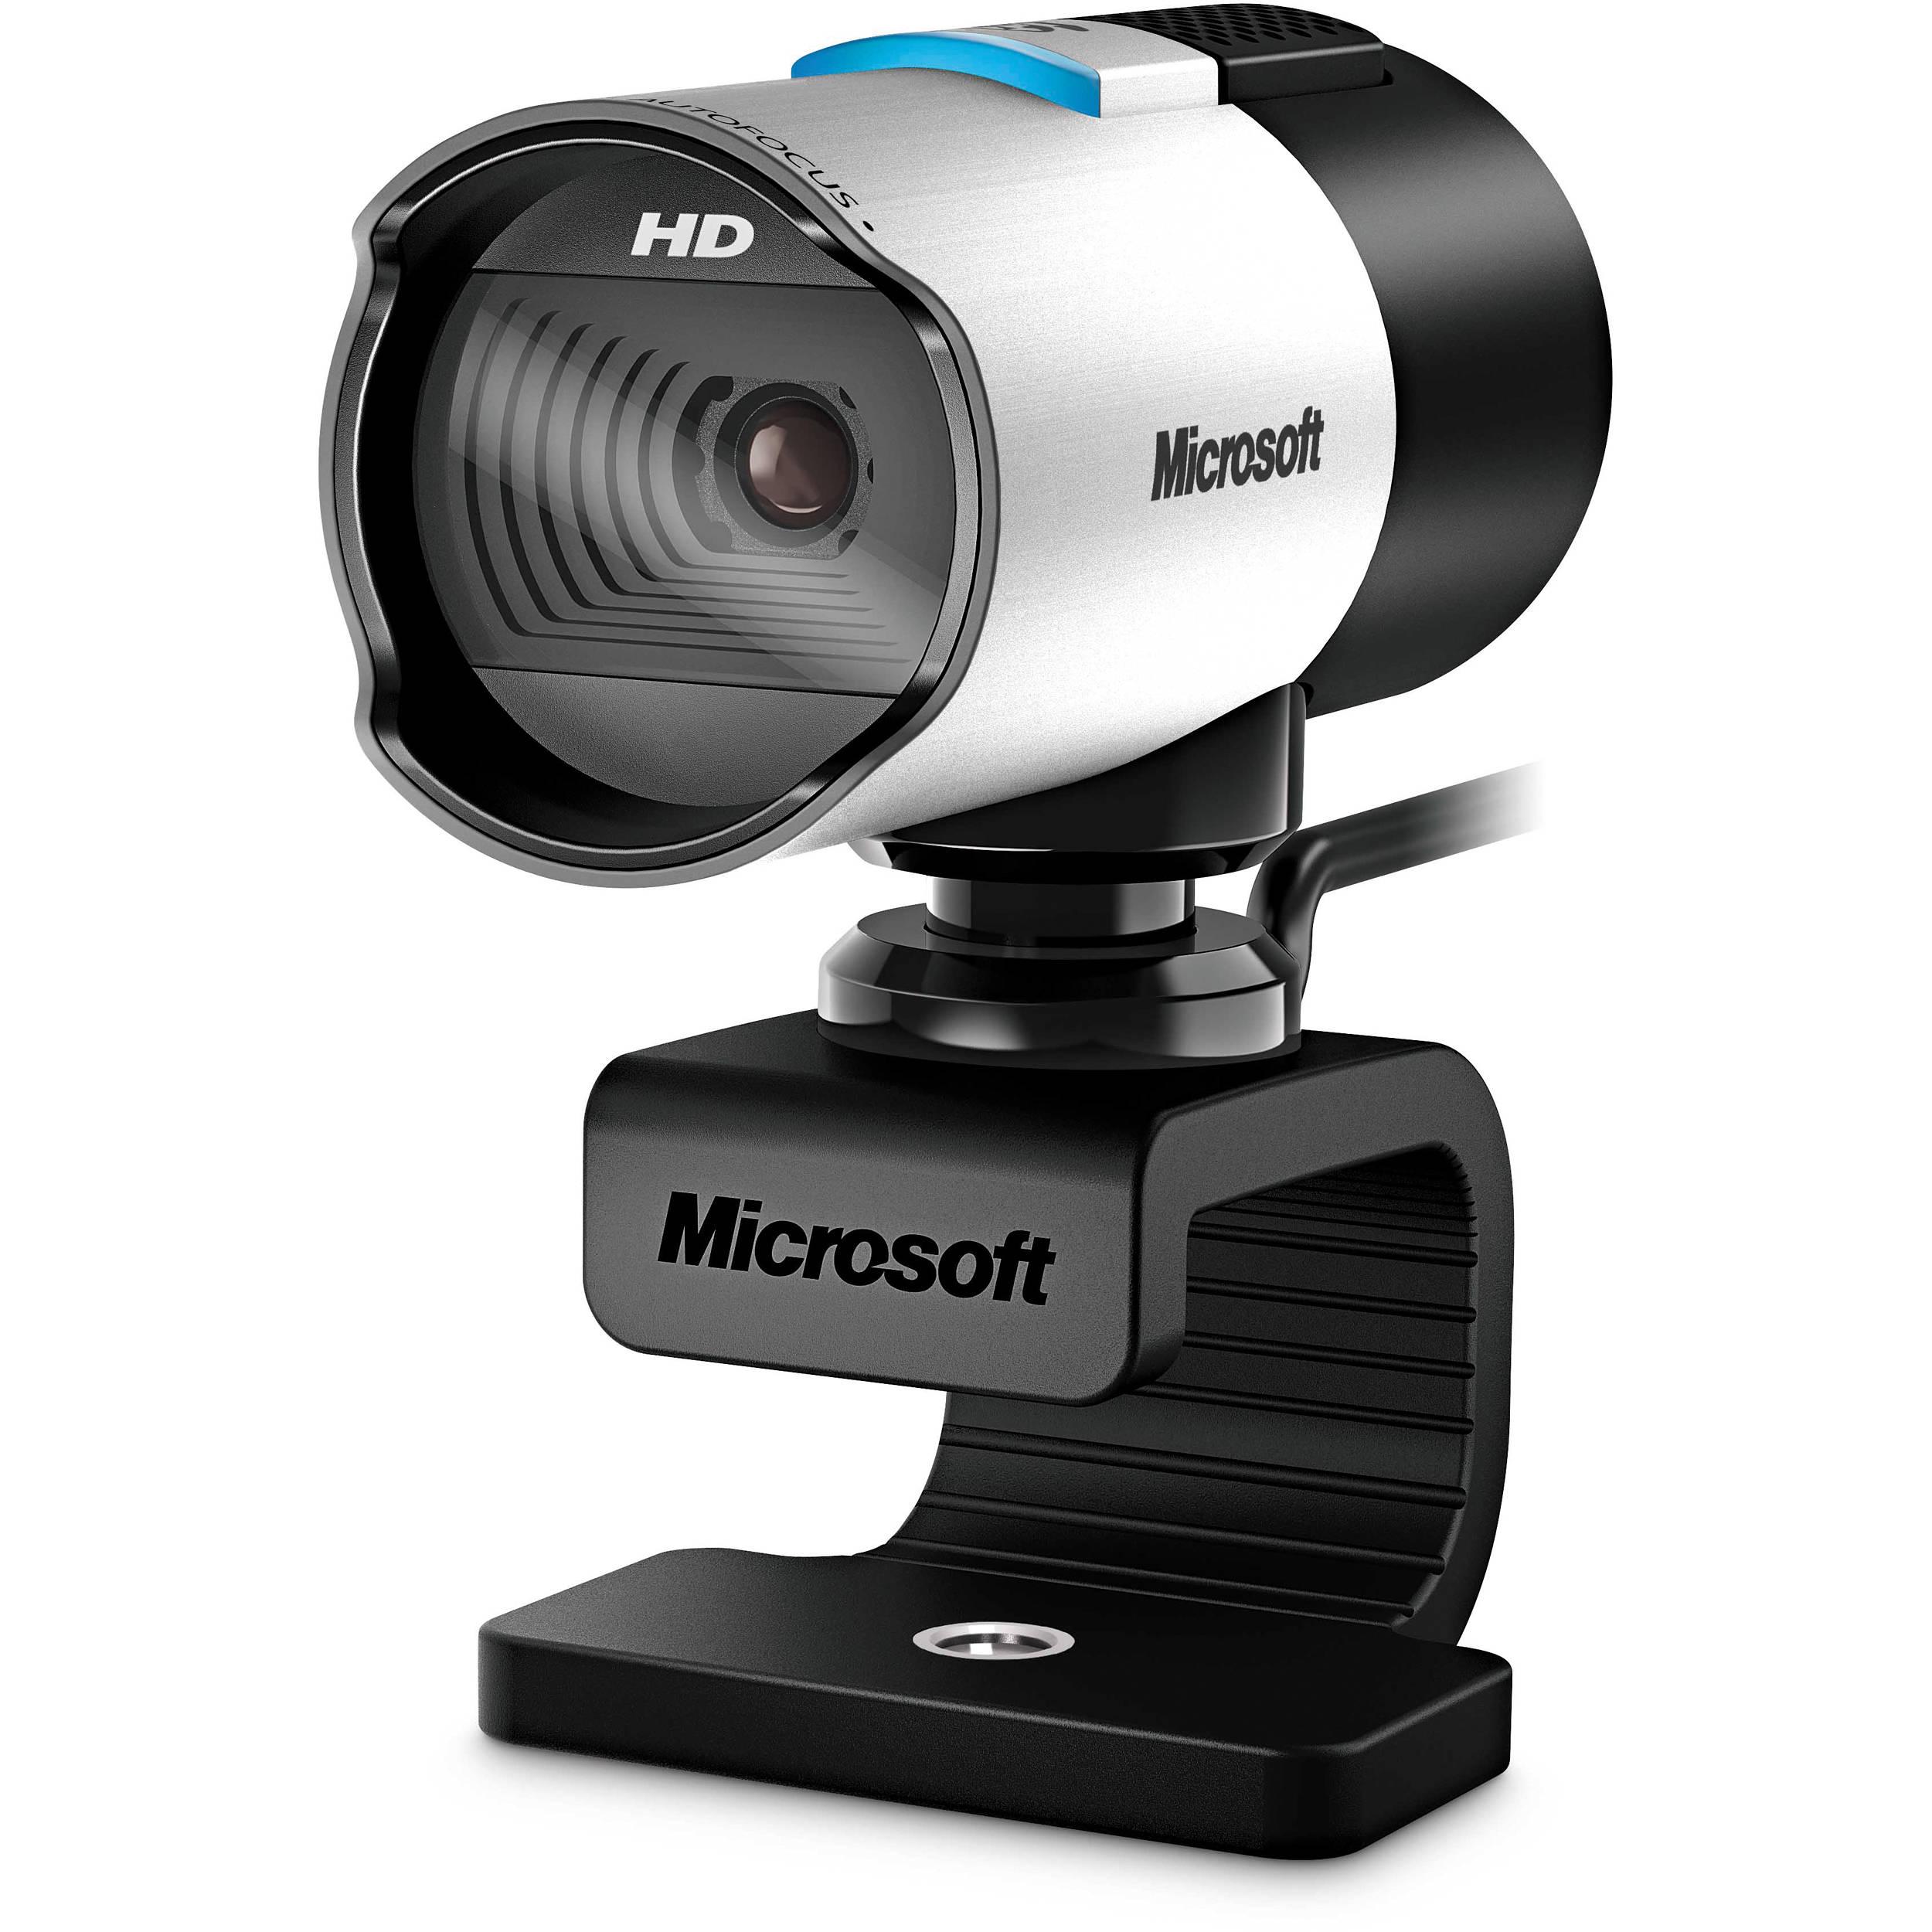 Microsoft LifeCam Webcam Drivers for Windows Mac